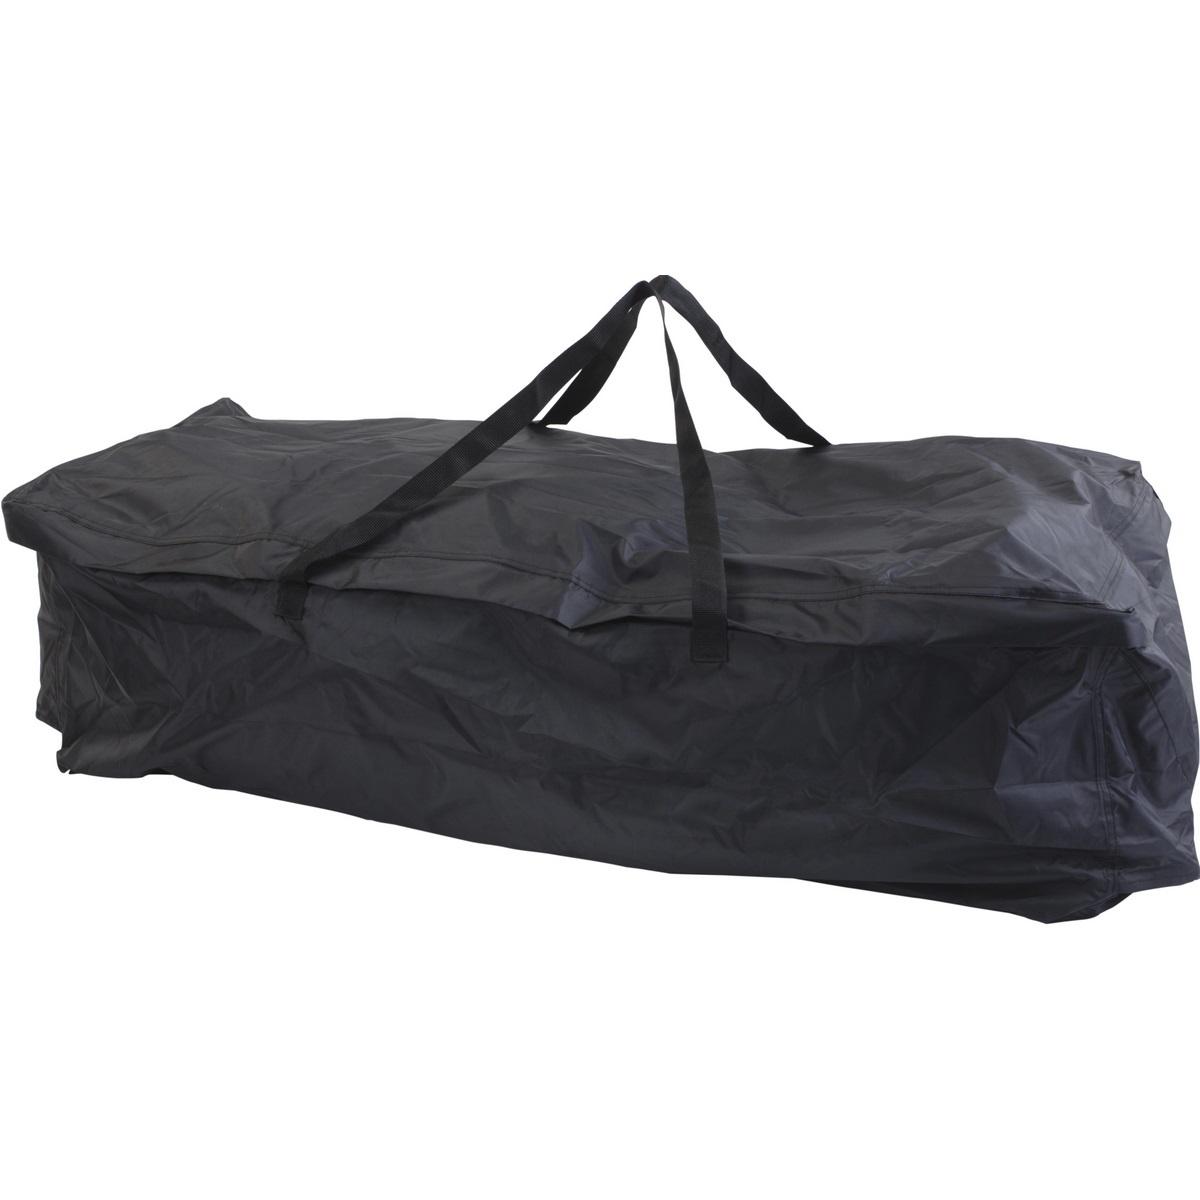 Koopman Skladacia cestovná taška čierna, 116 x 49 x 35 cm